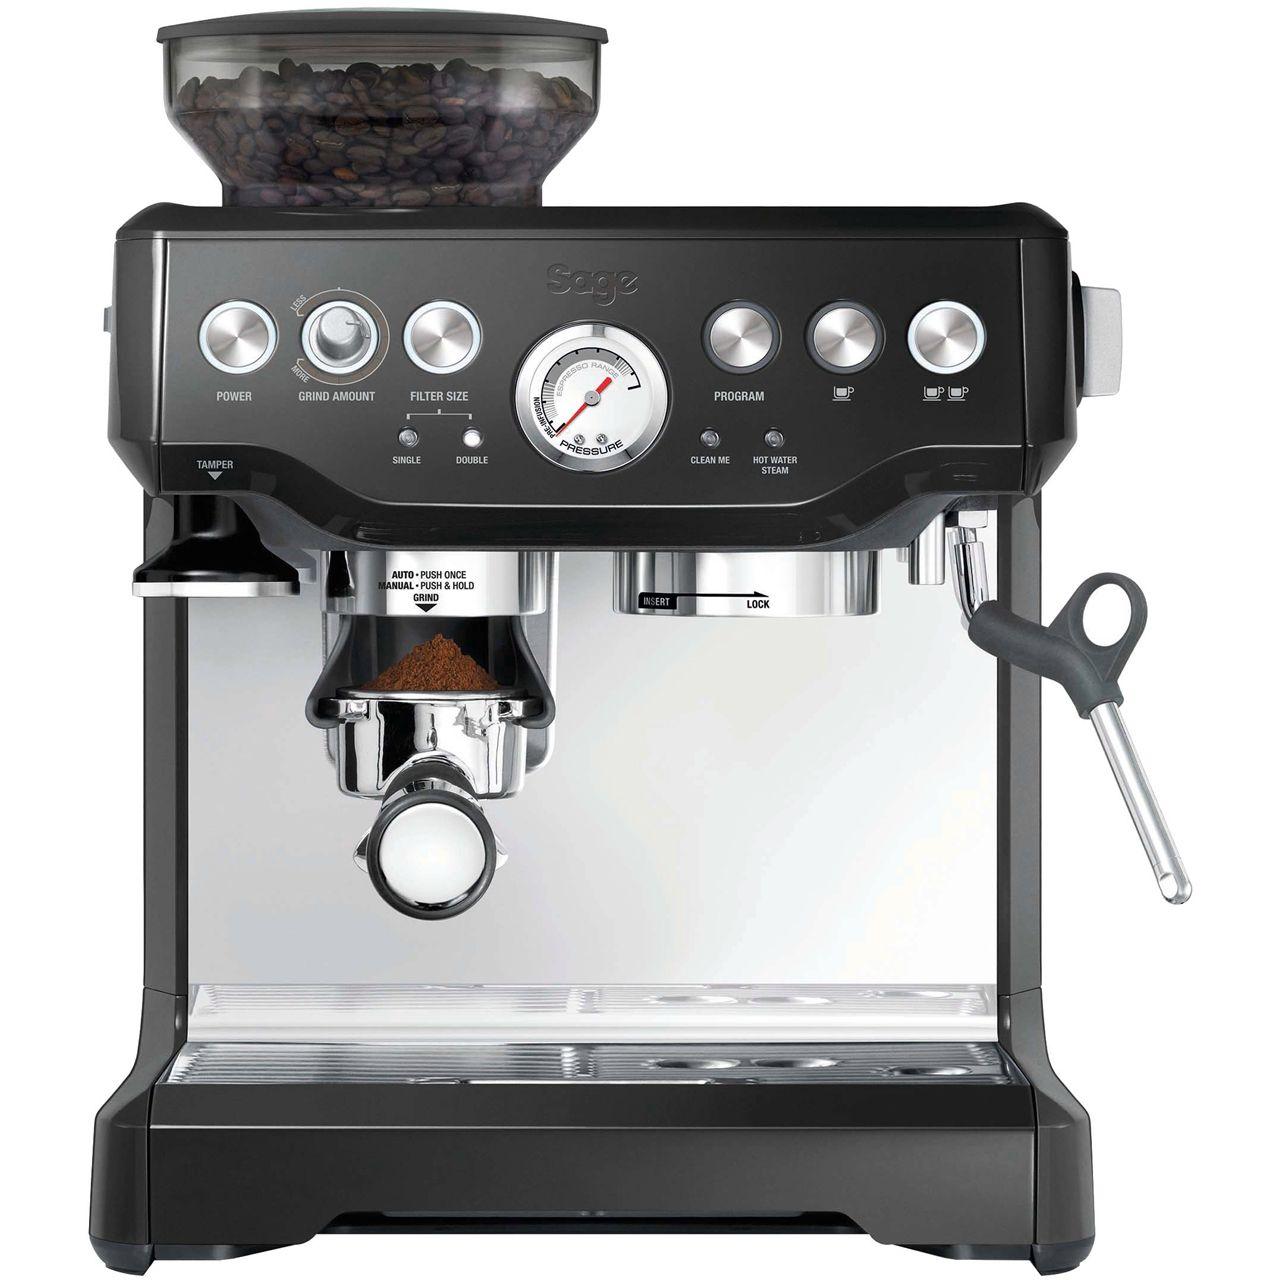 Bes875bks Bk Sage By Heston Blumenthal Espresso Breville Espresso Breville Espresso Machine Espresso Coffee Machine